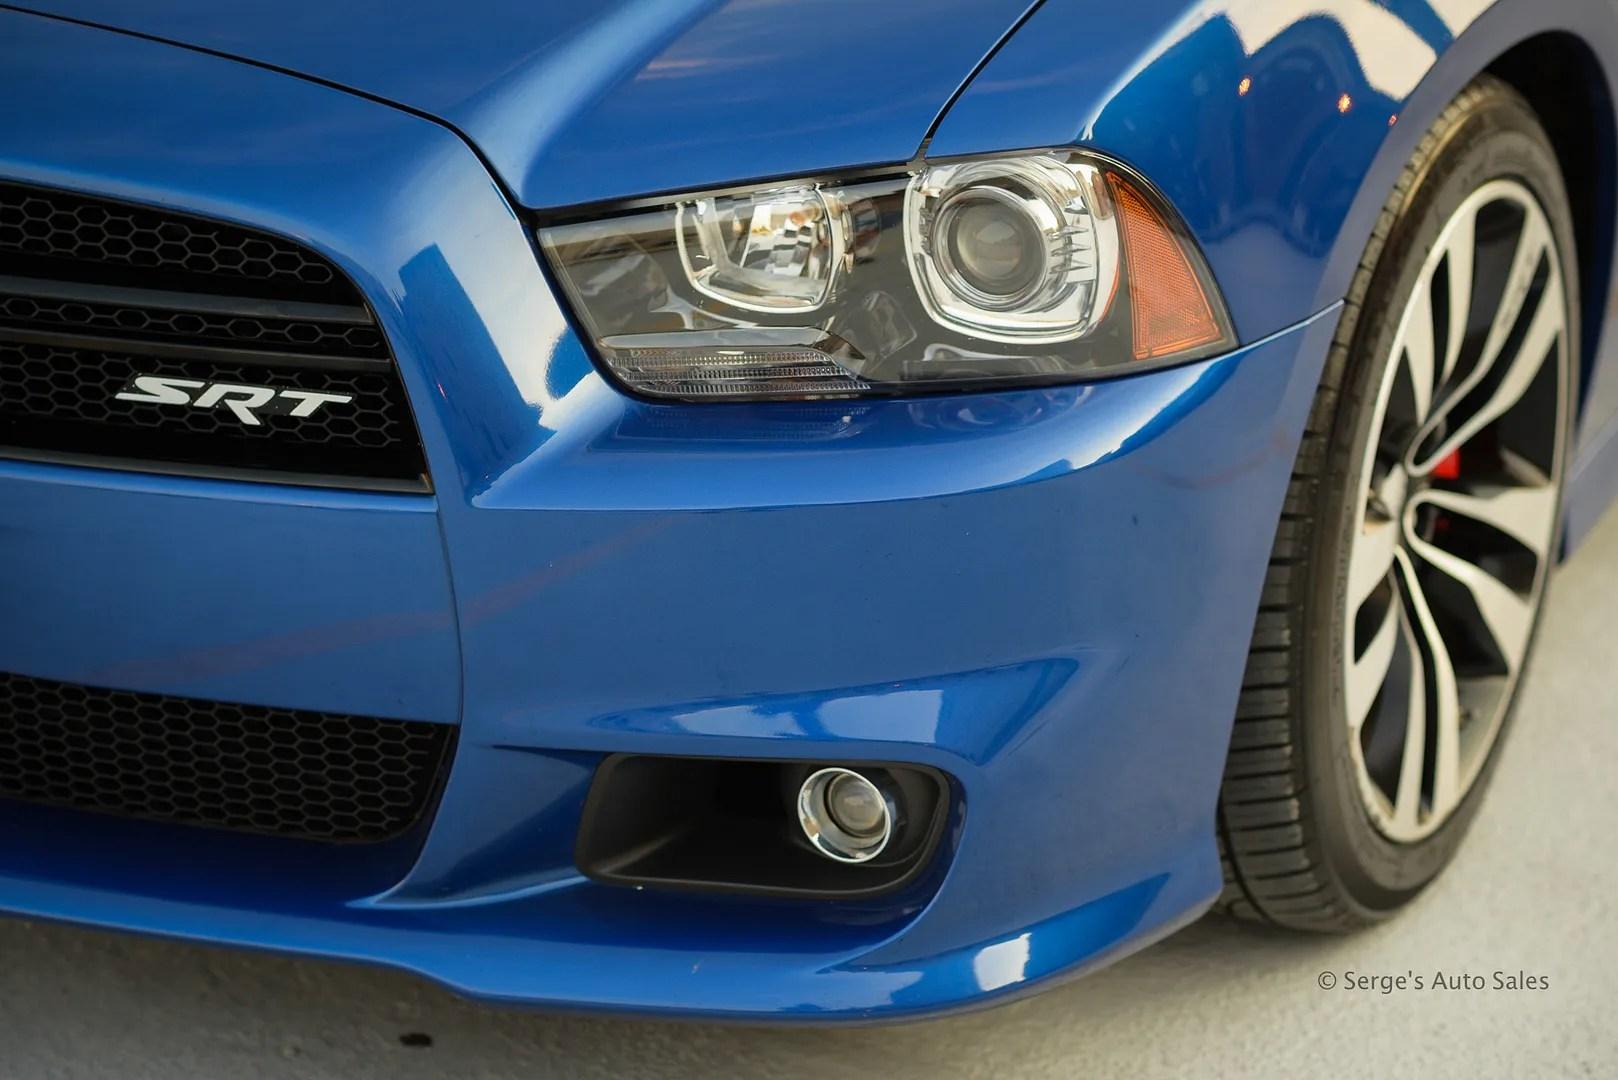 photo charger-serges-auto-sales-northeast-pa-2012-srt8--26_zpsqfwnr5im.jpg